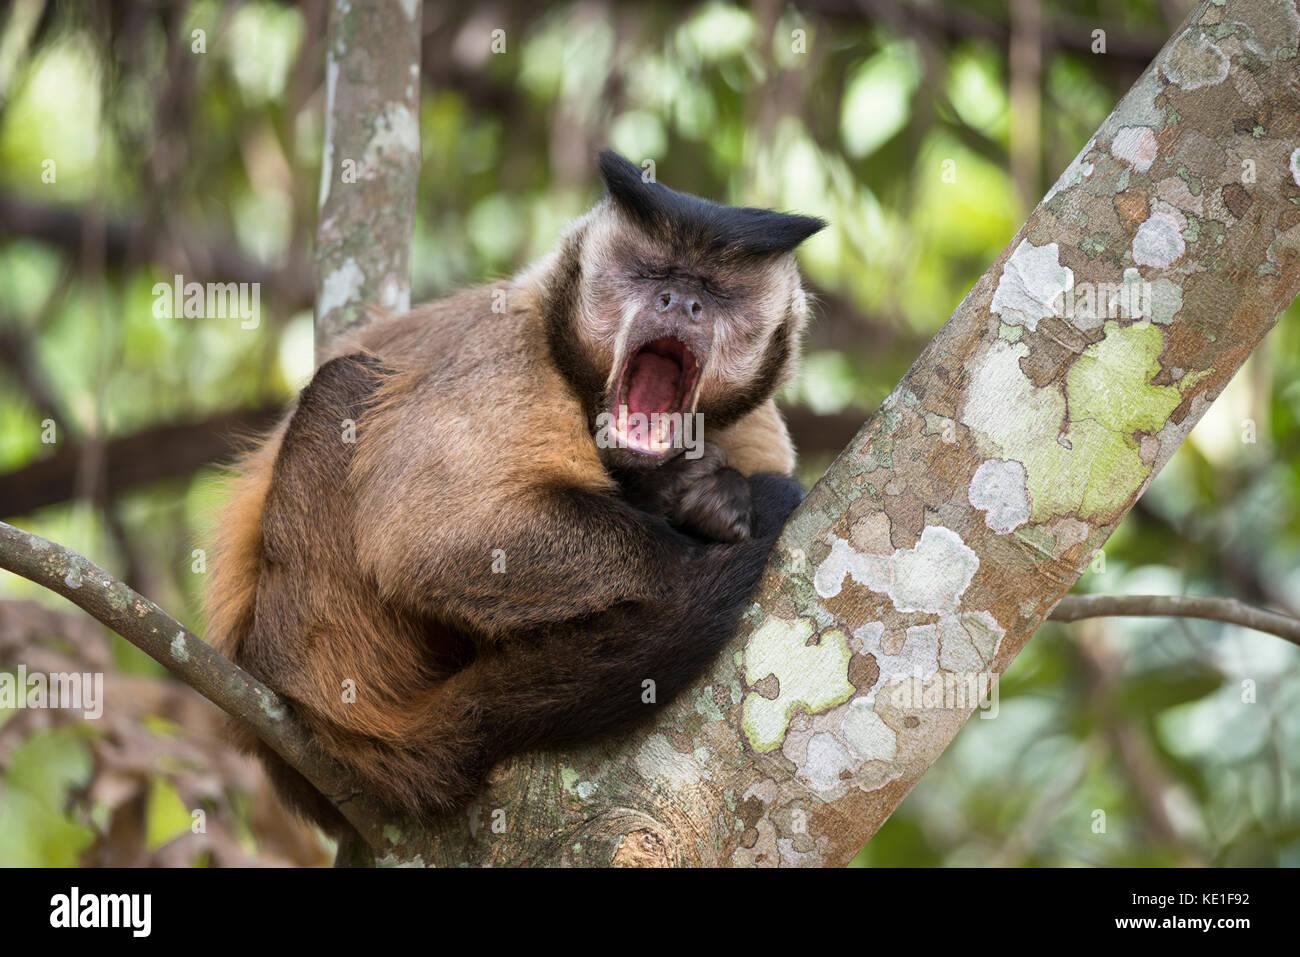 Black-striped Capuchin Monkey (Sapajus libidinosus) from the Pantanal of Brazil - Stock Image